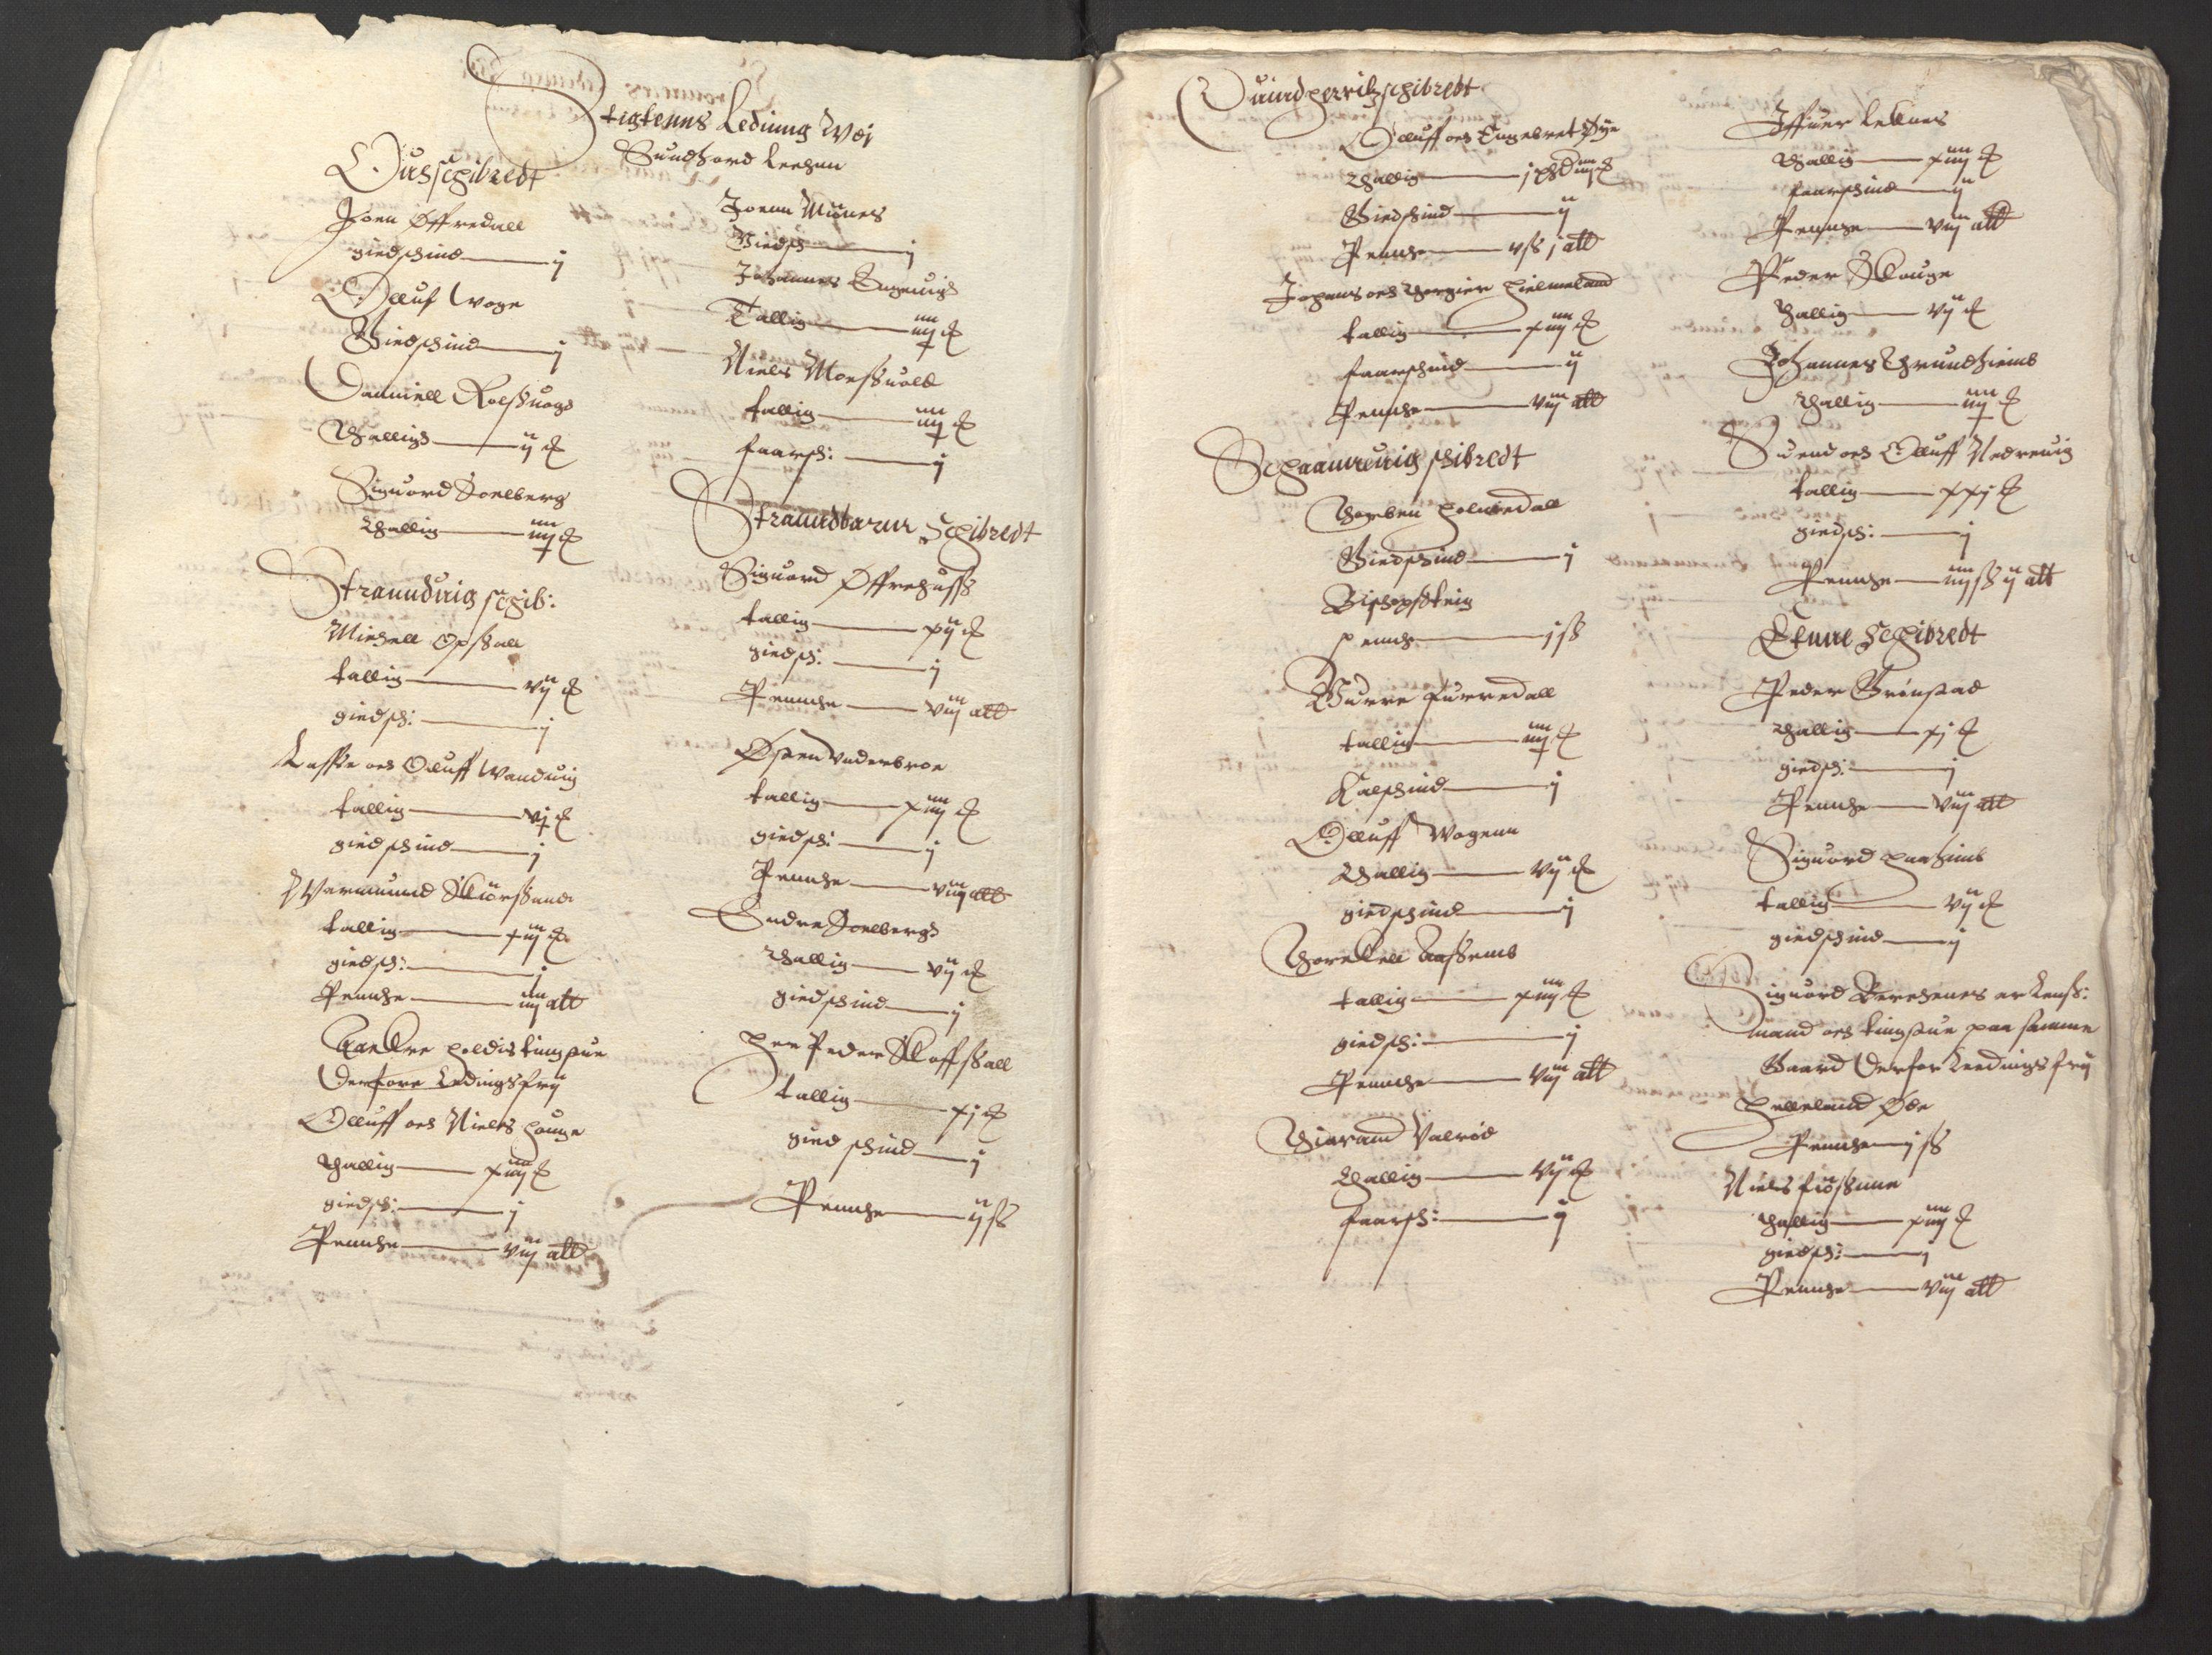 RA, Stattholderembetet 1572-1771, Ek/L0003: Jordebøker til utlikning av garnisonsskatt 1624-1626:, 1624-1625, s. 5